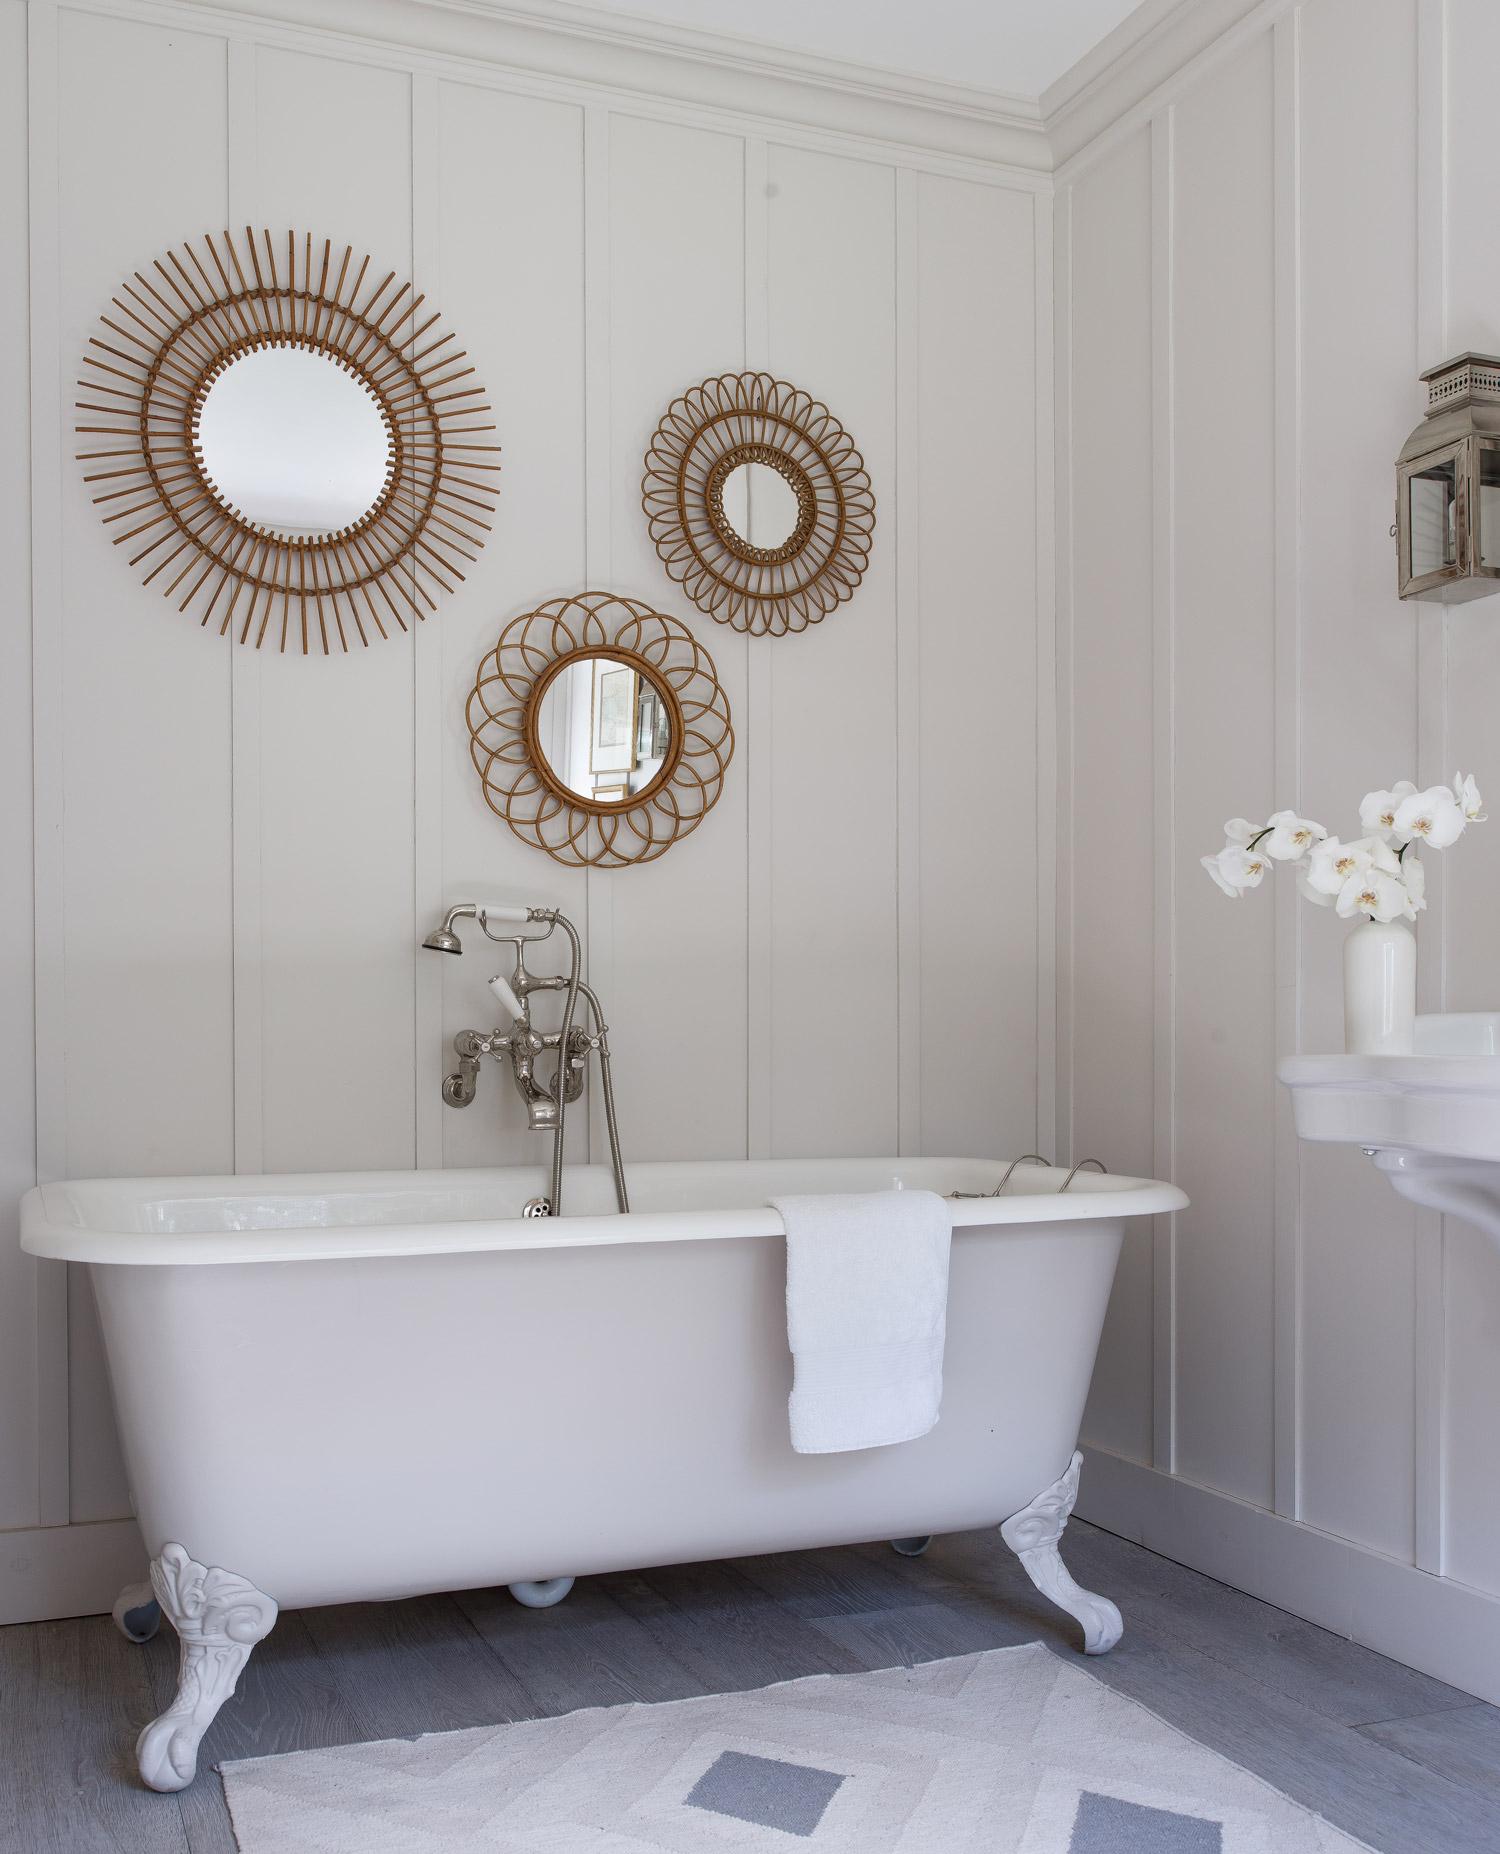 Bath – interior design by Eadie & Crole